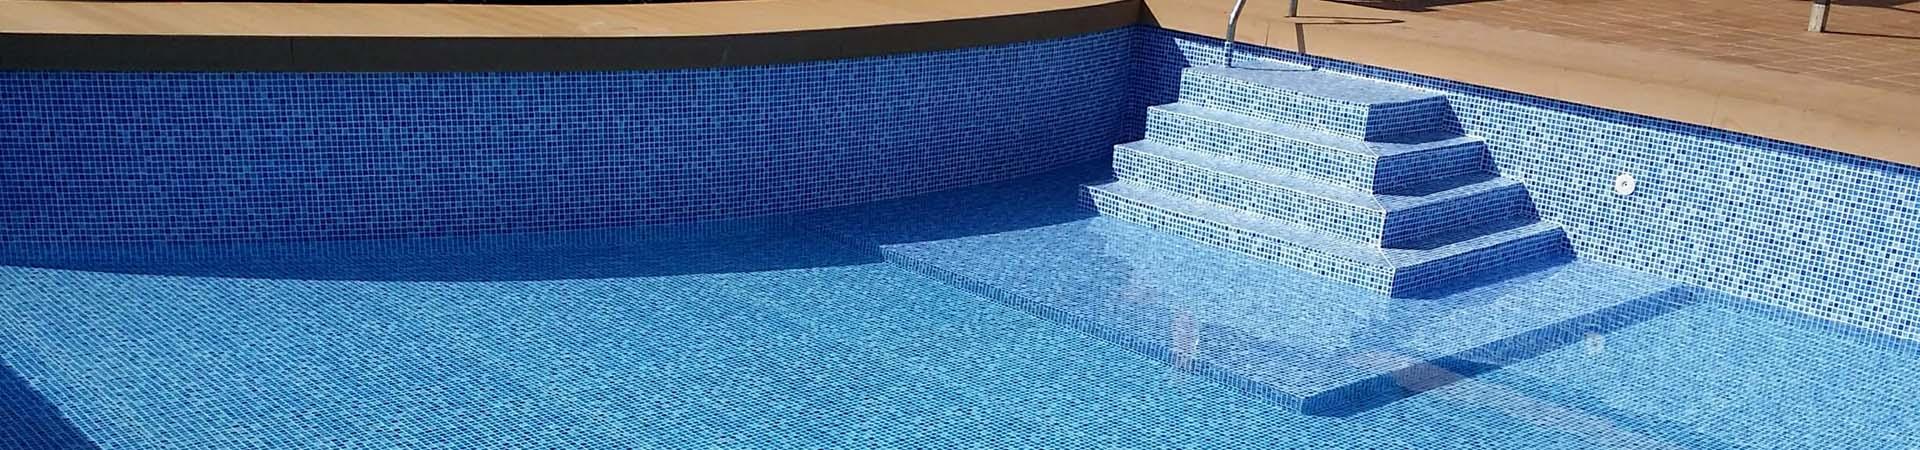 Trasumar empresa construccion piscinas liner malaga for Construccion de piscinas en malaga